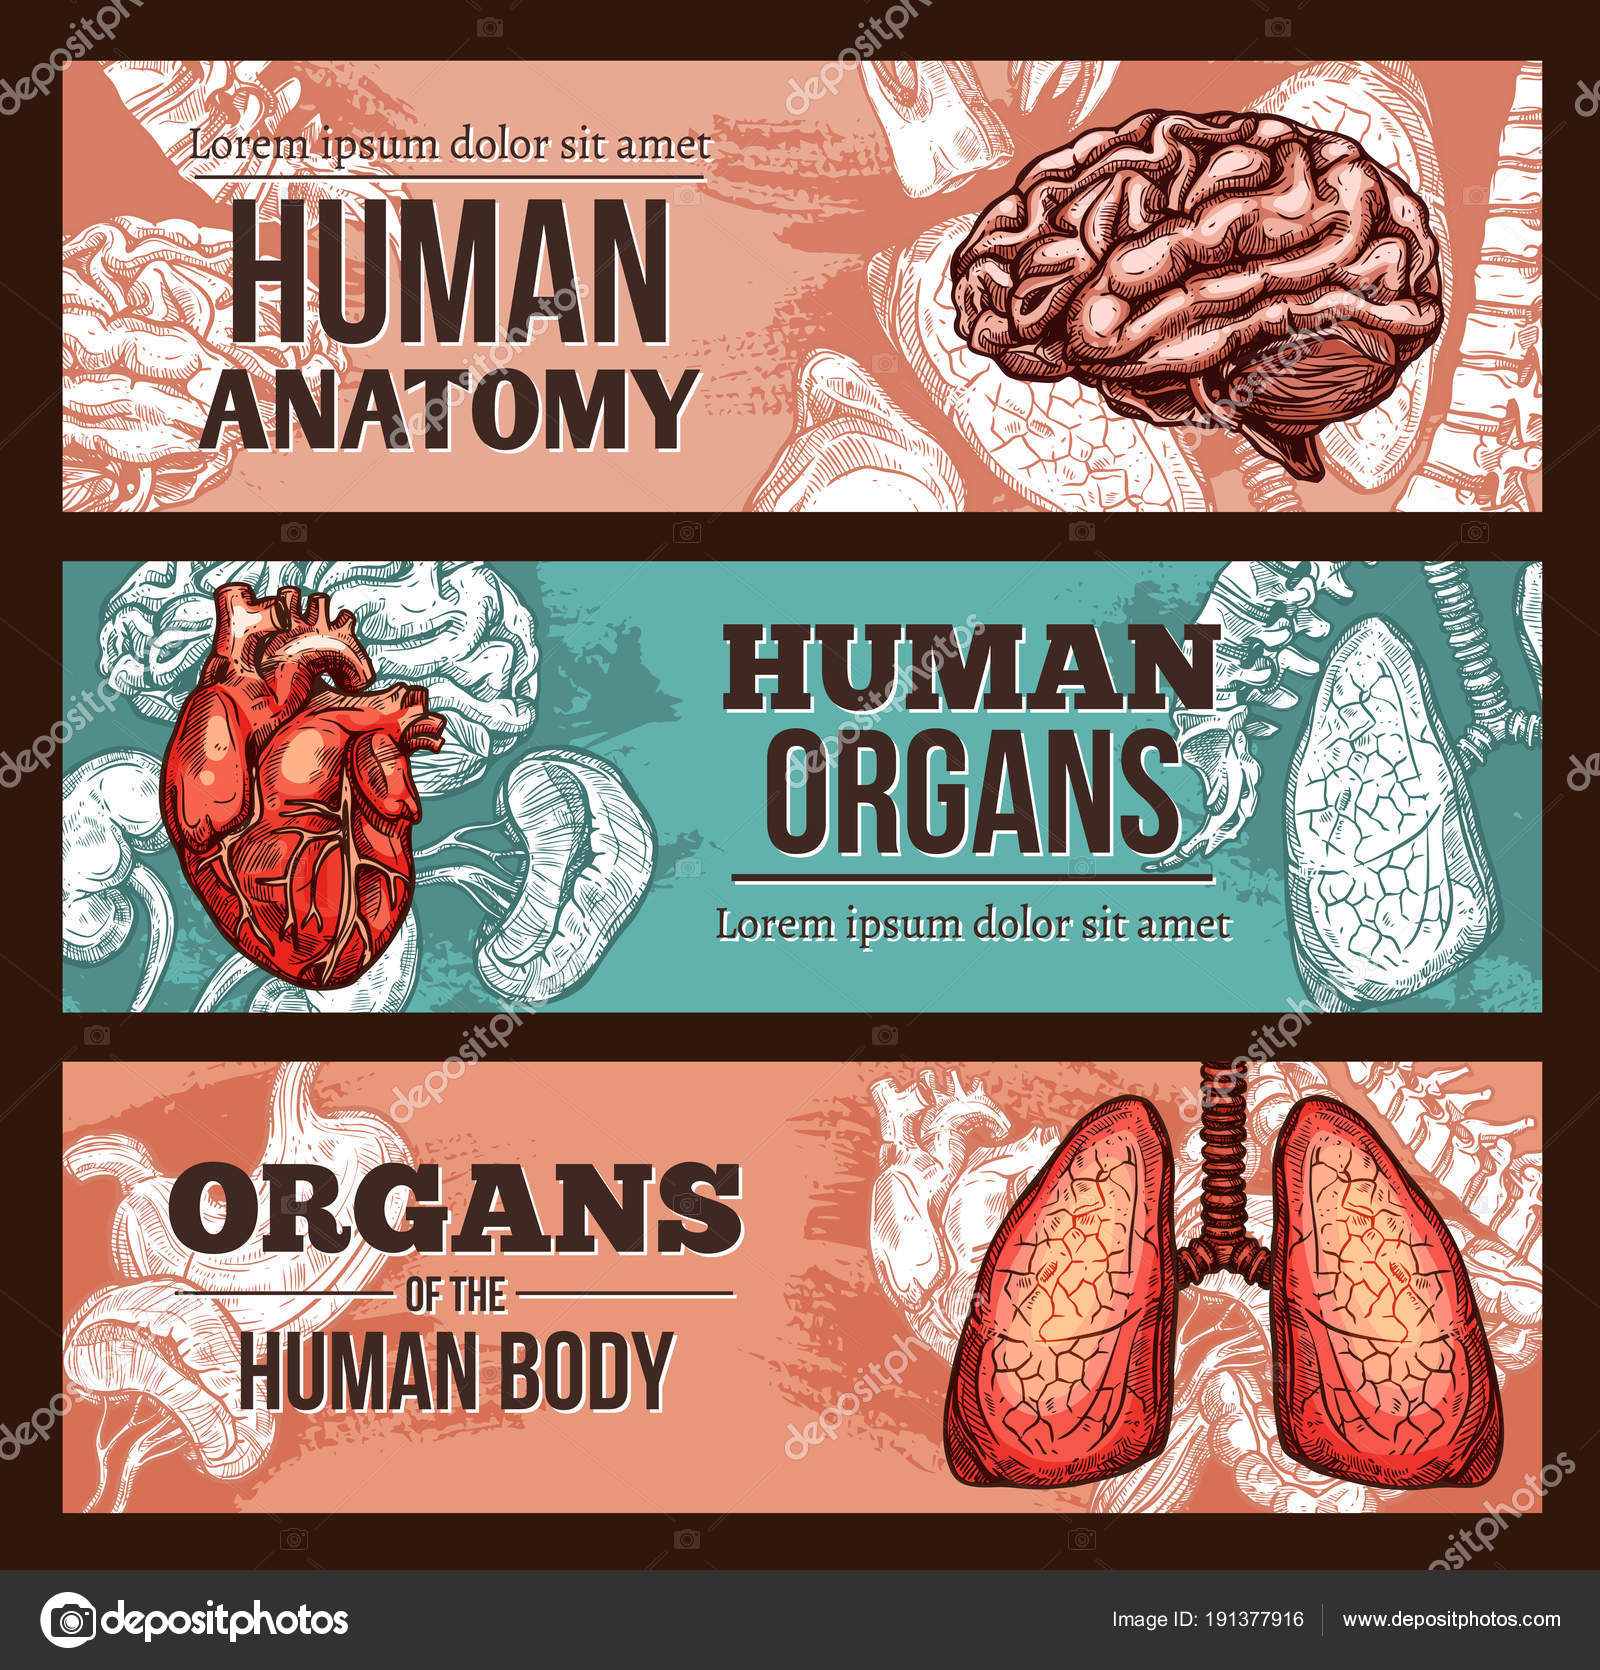 Organ des Menschen-Anatomie skizzieren Banner mit Körperteilen ...